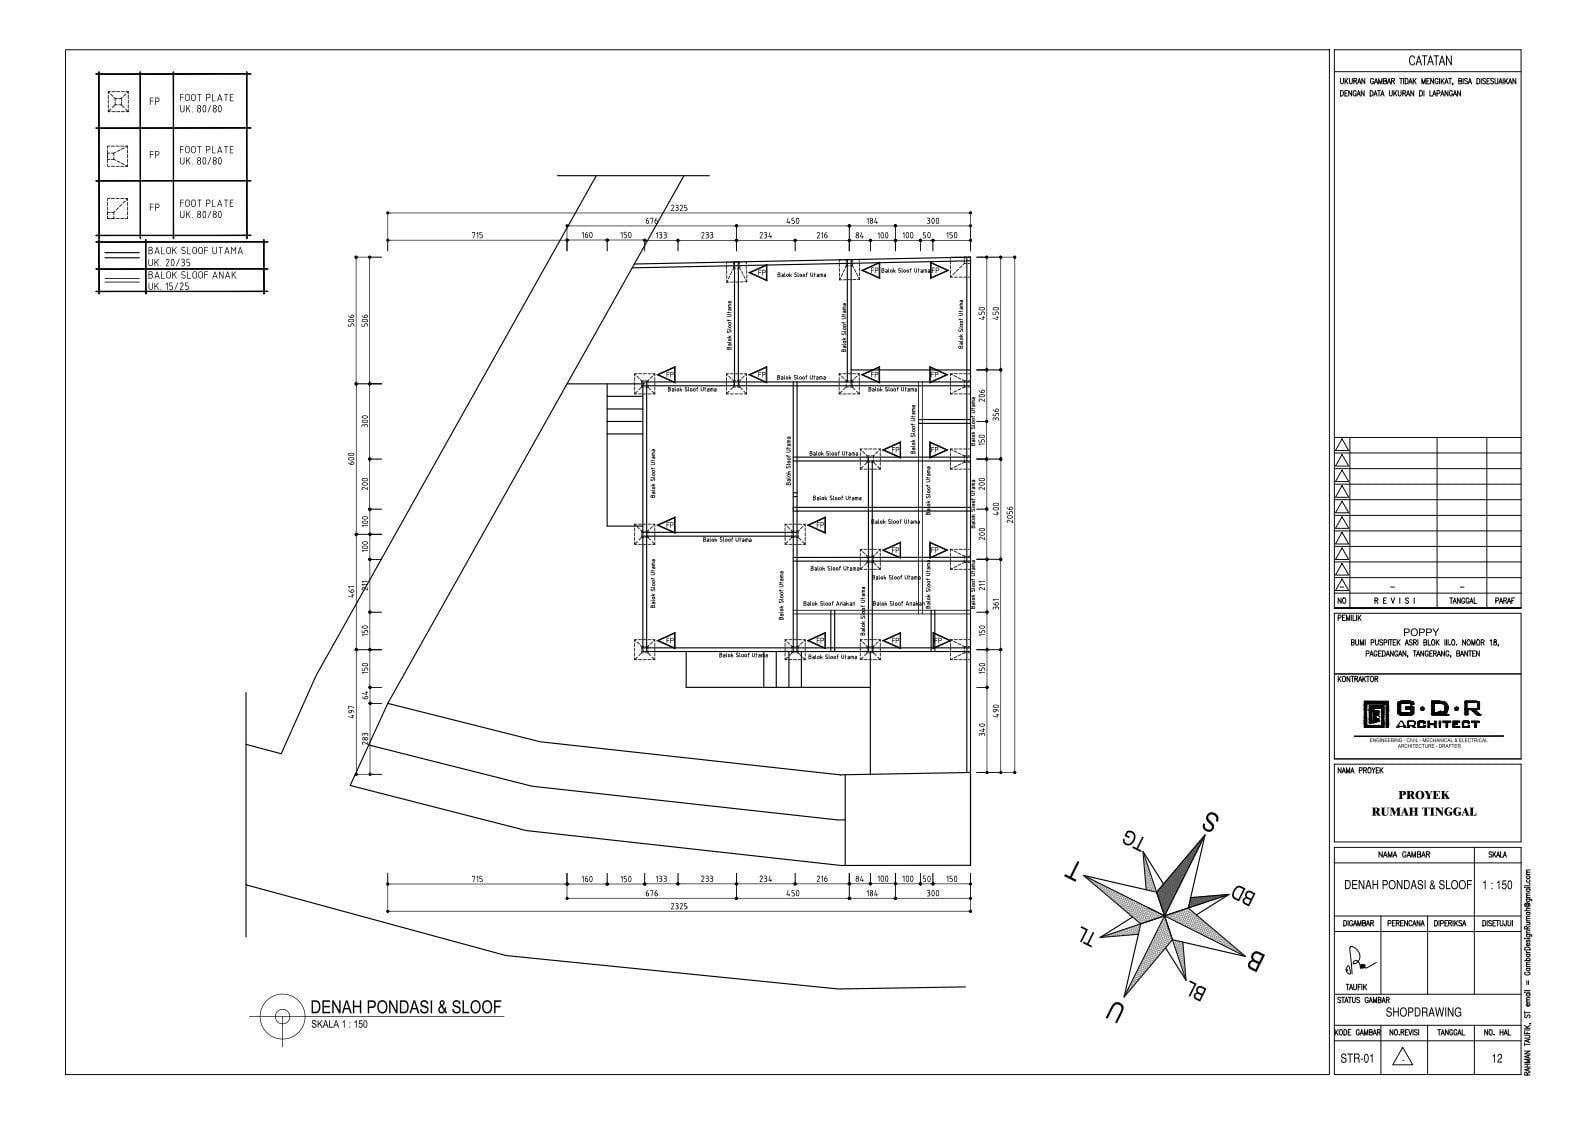 Jasa Desain Rumah Contoh Paket Gambar Kerja 12 DENAH PONDASI & SLOOF